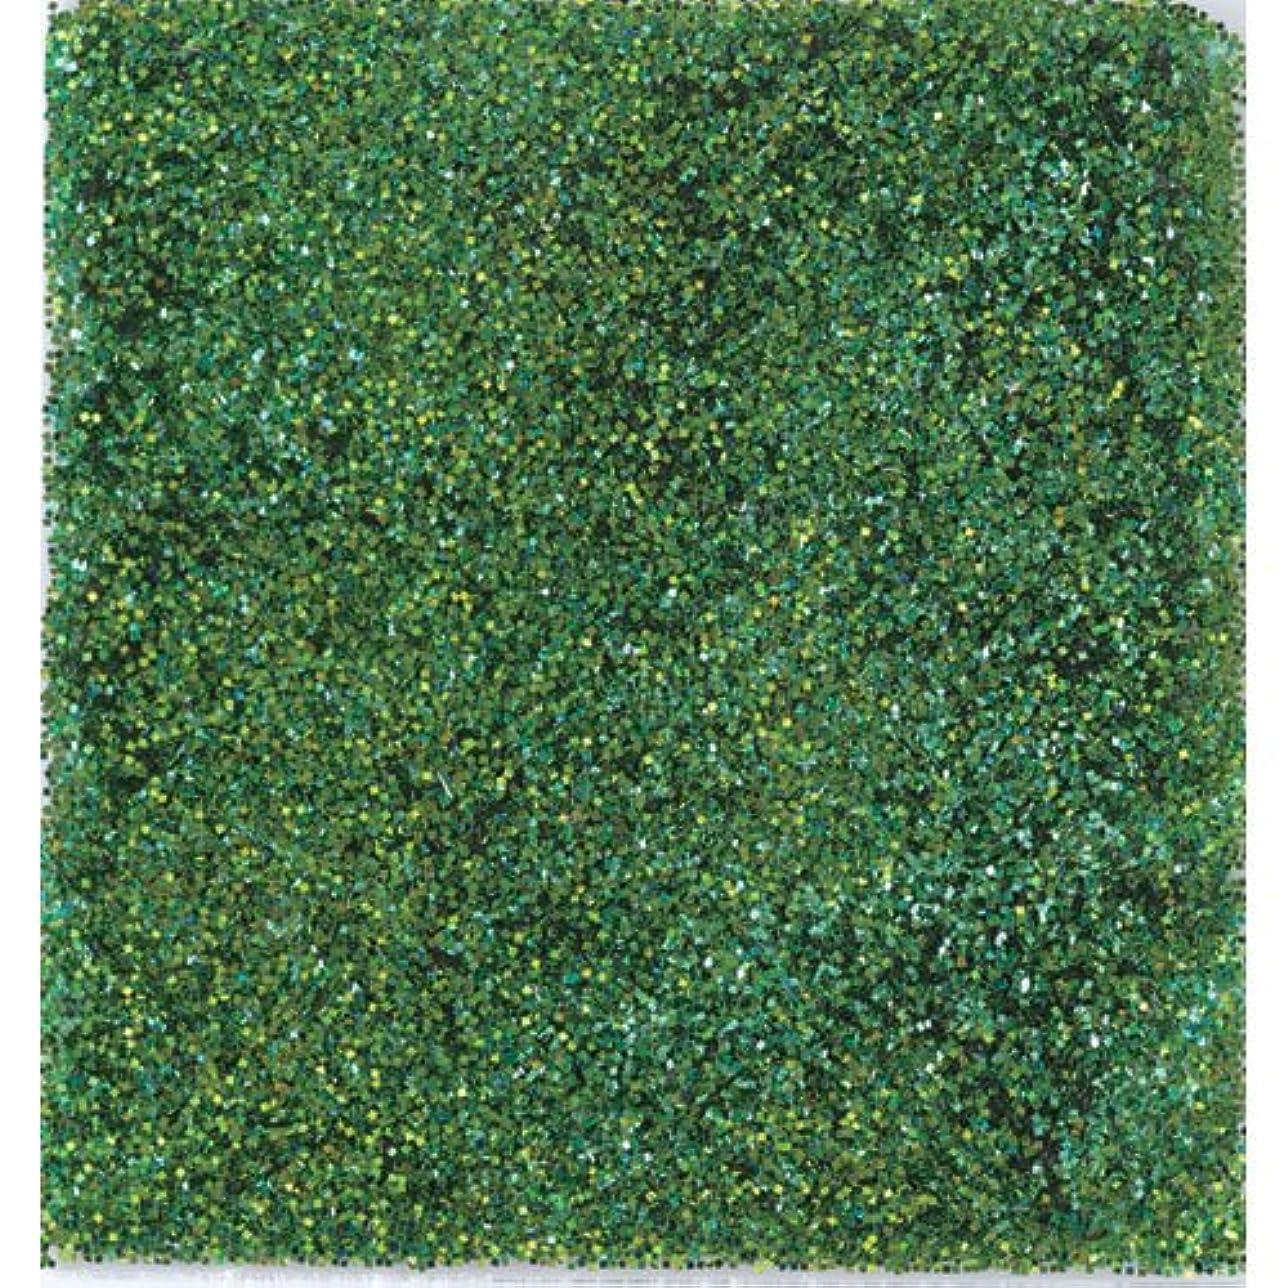 出会い神秘的な心配するピカエース ネイル用パウダー ラメホロ #820 グリーン 0.5g